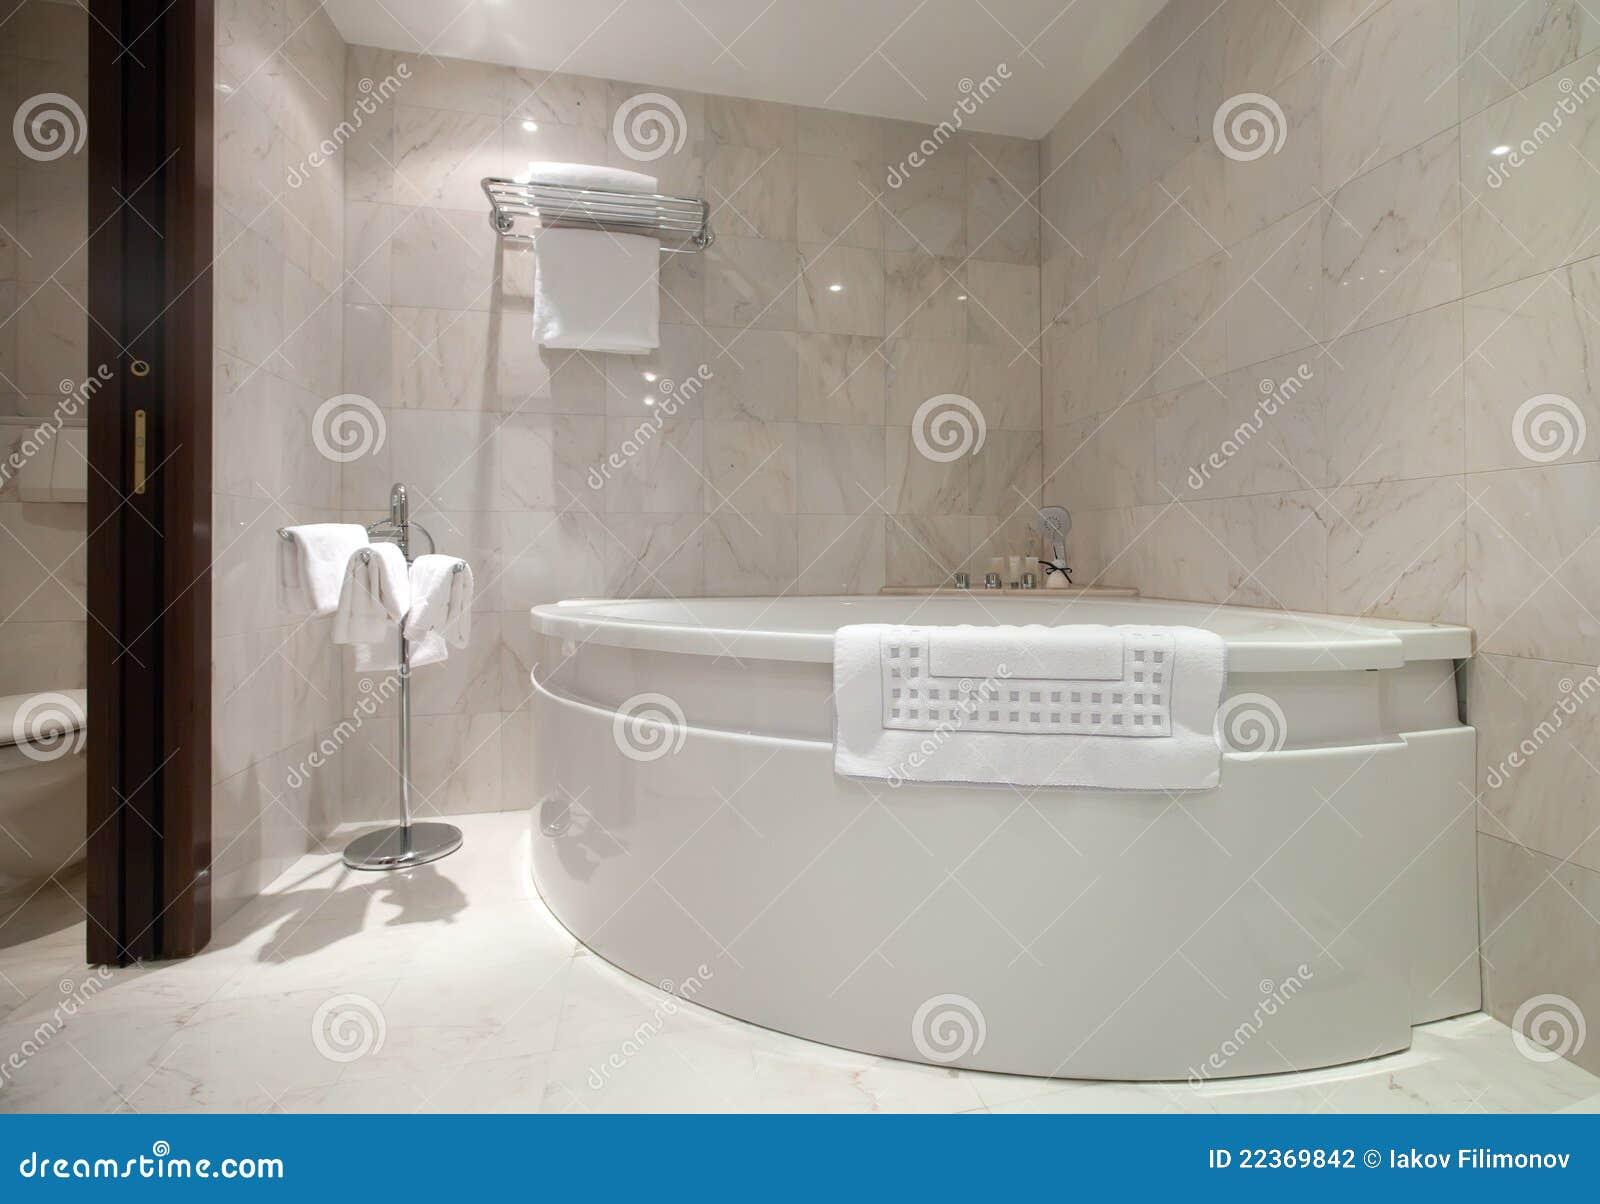 Badezimmer Ideen Mit Eckbadewanne : Badezimmer Mit Eckbadewanne Bnbnews